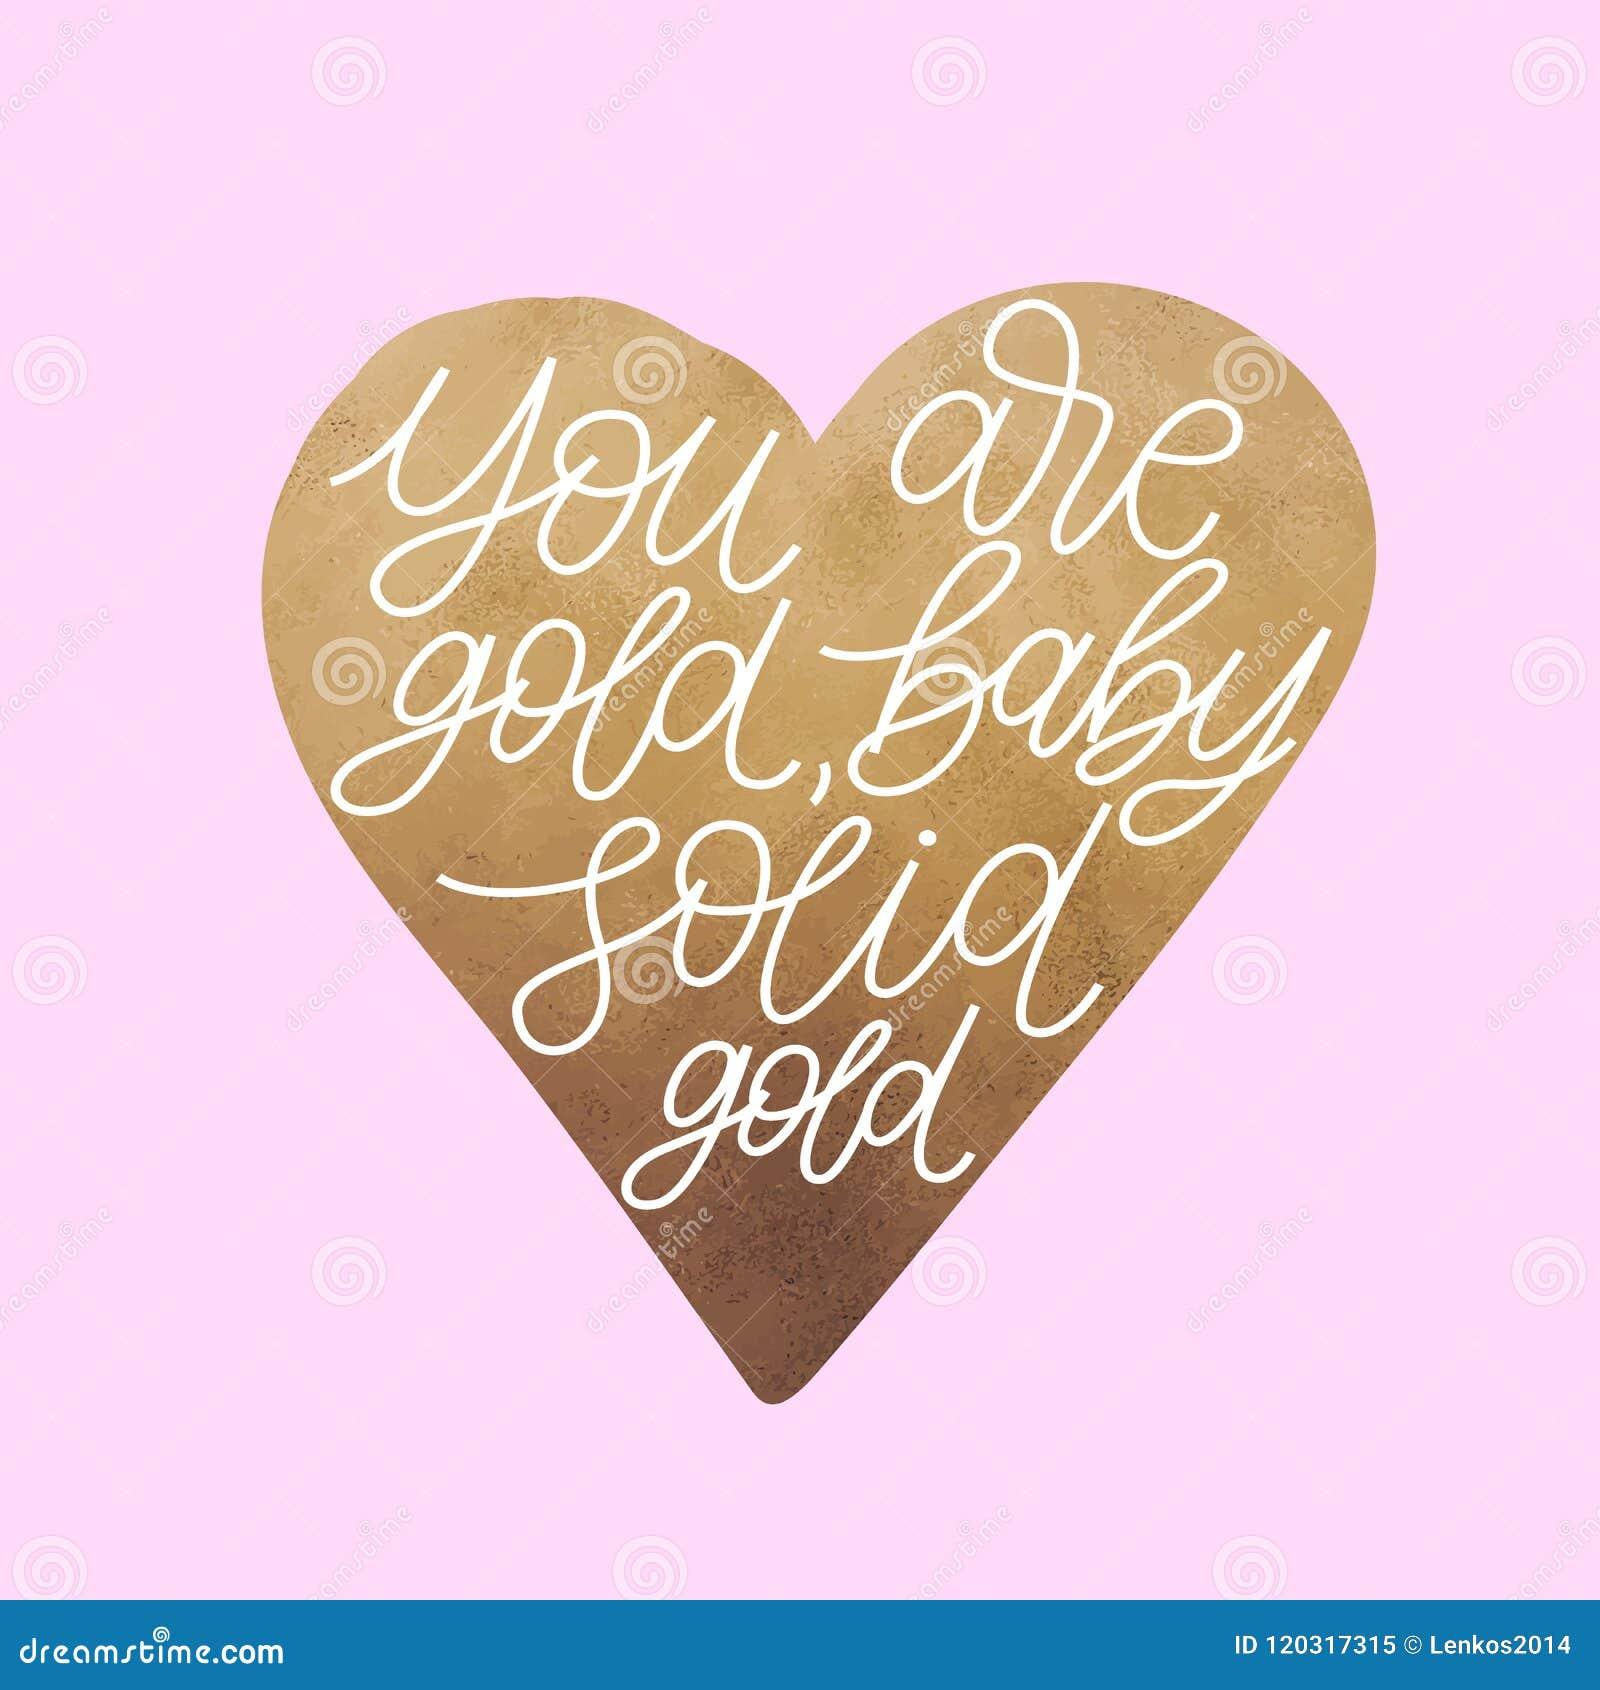 Είστε χρυσό μωρό, στερεός χρυσός Εμπνευσμένο σχέδιο αφισών αποσπάσματος Γραμμένο το χέρι κείμενο στο χρυσό ακτινοβολεί φύλλο αλου